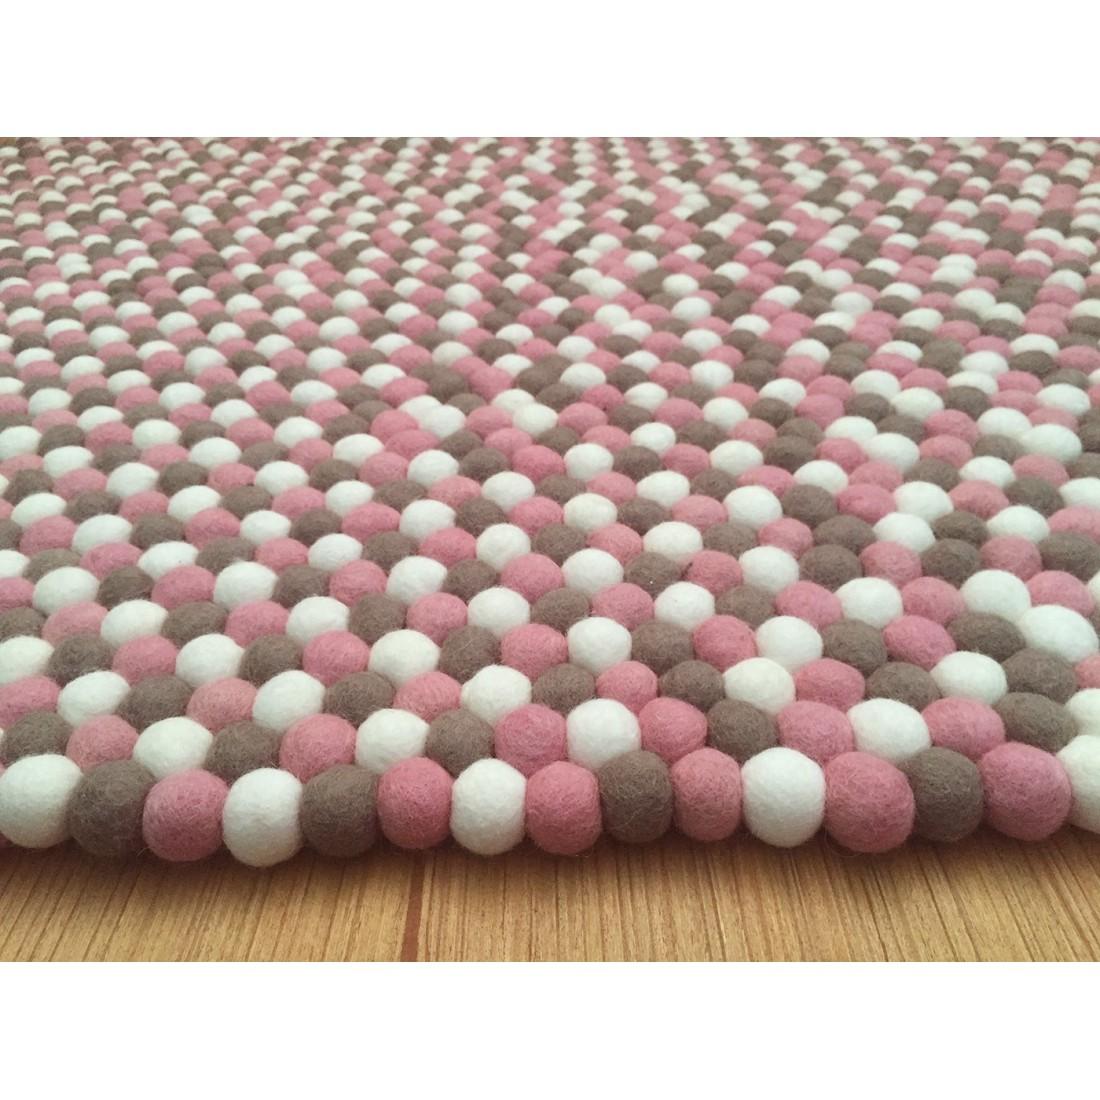 20cm Handmade Felt Trivet Felt Ball Rugs